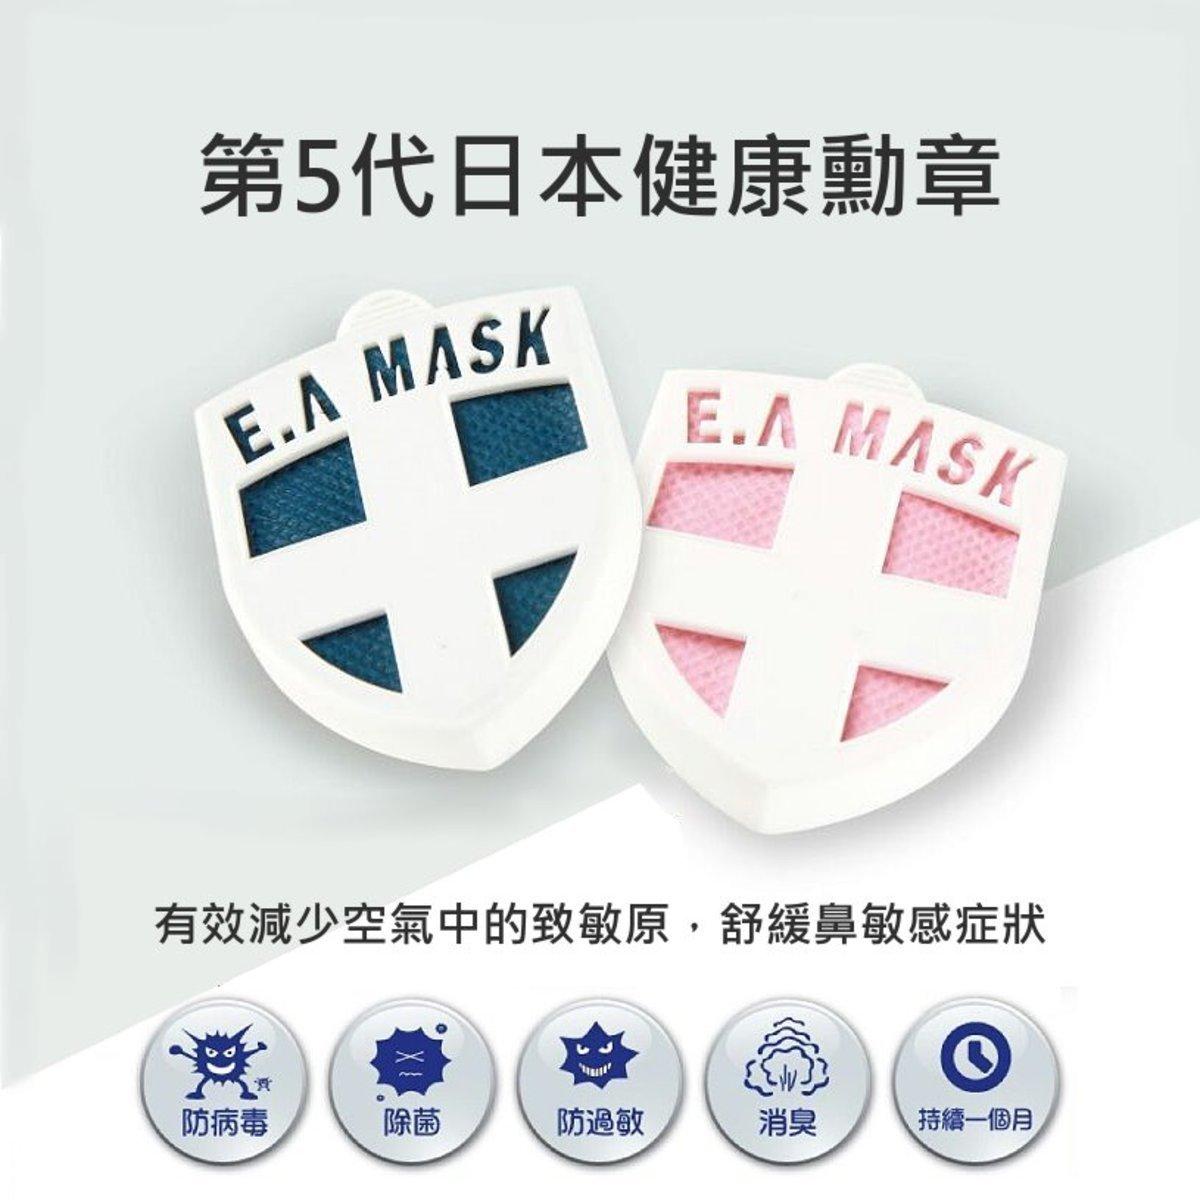 (2件套裝) [流感剋星] 日本健康勳章 Air mask- 隨機